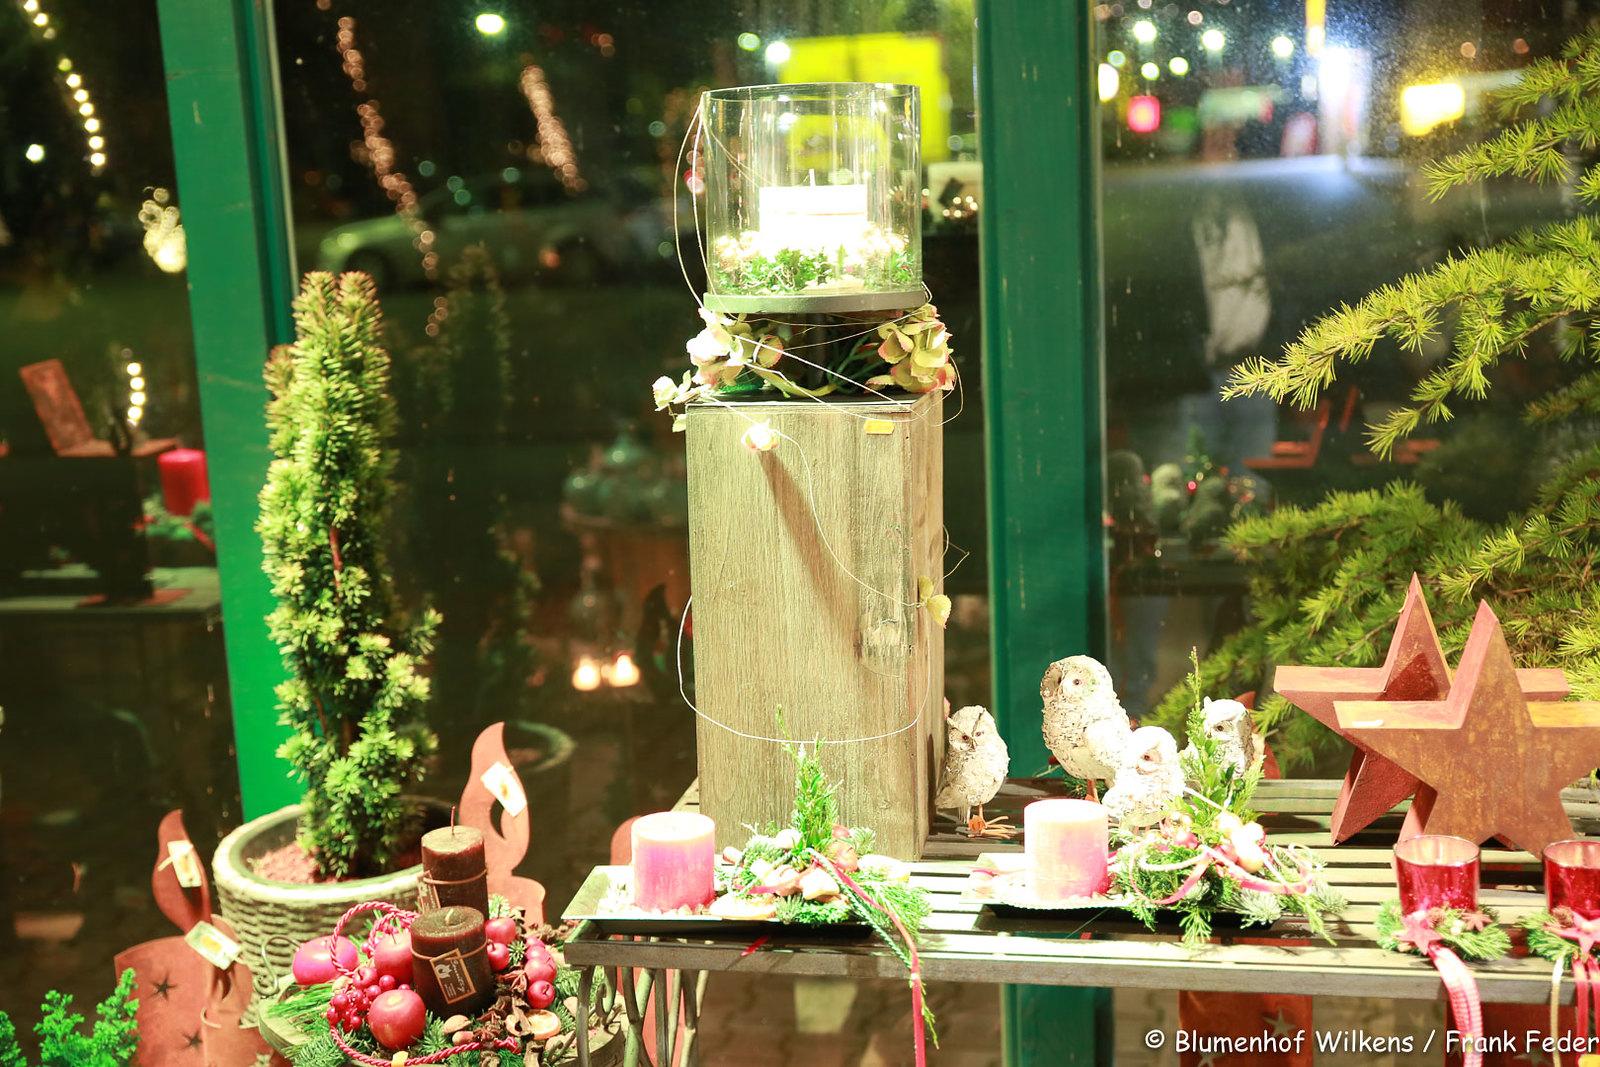 Weihnachten Blumenhof Wilkens 2017 11 17 0023